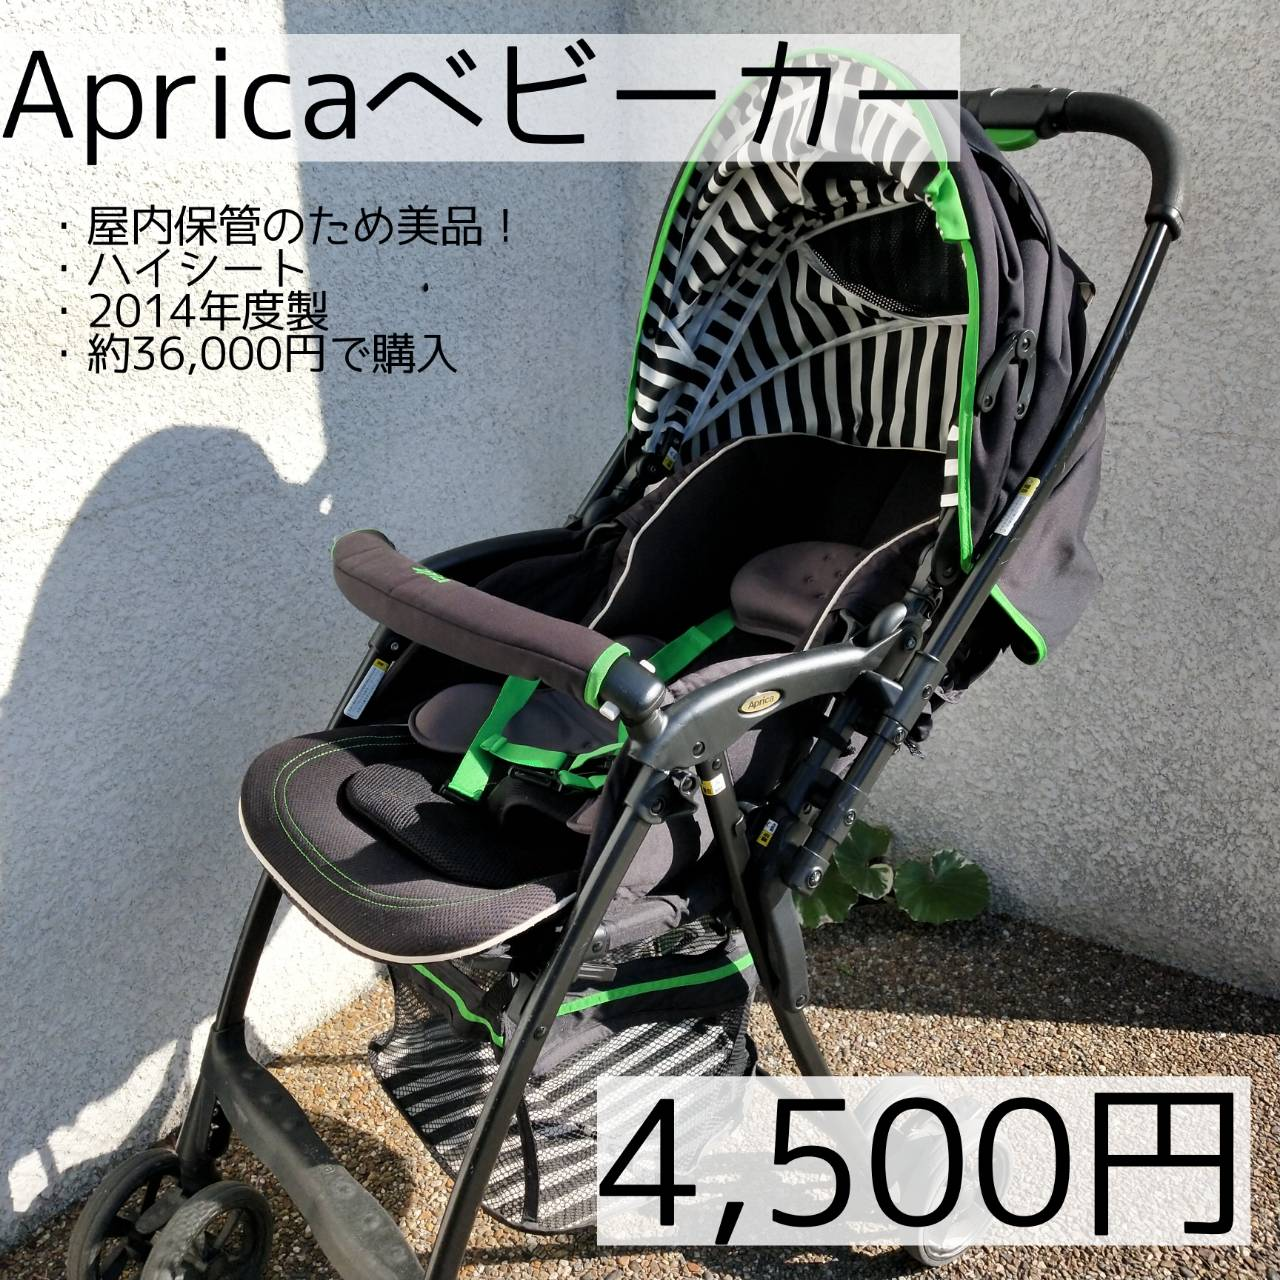 ③Apricaベビーカー 4500円